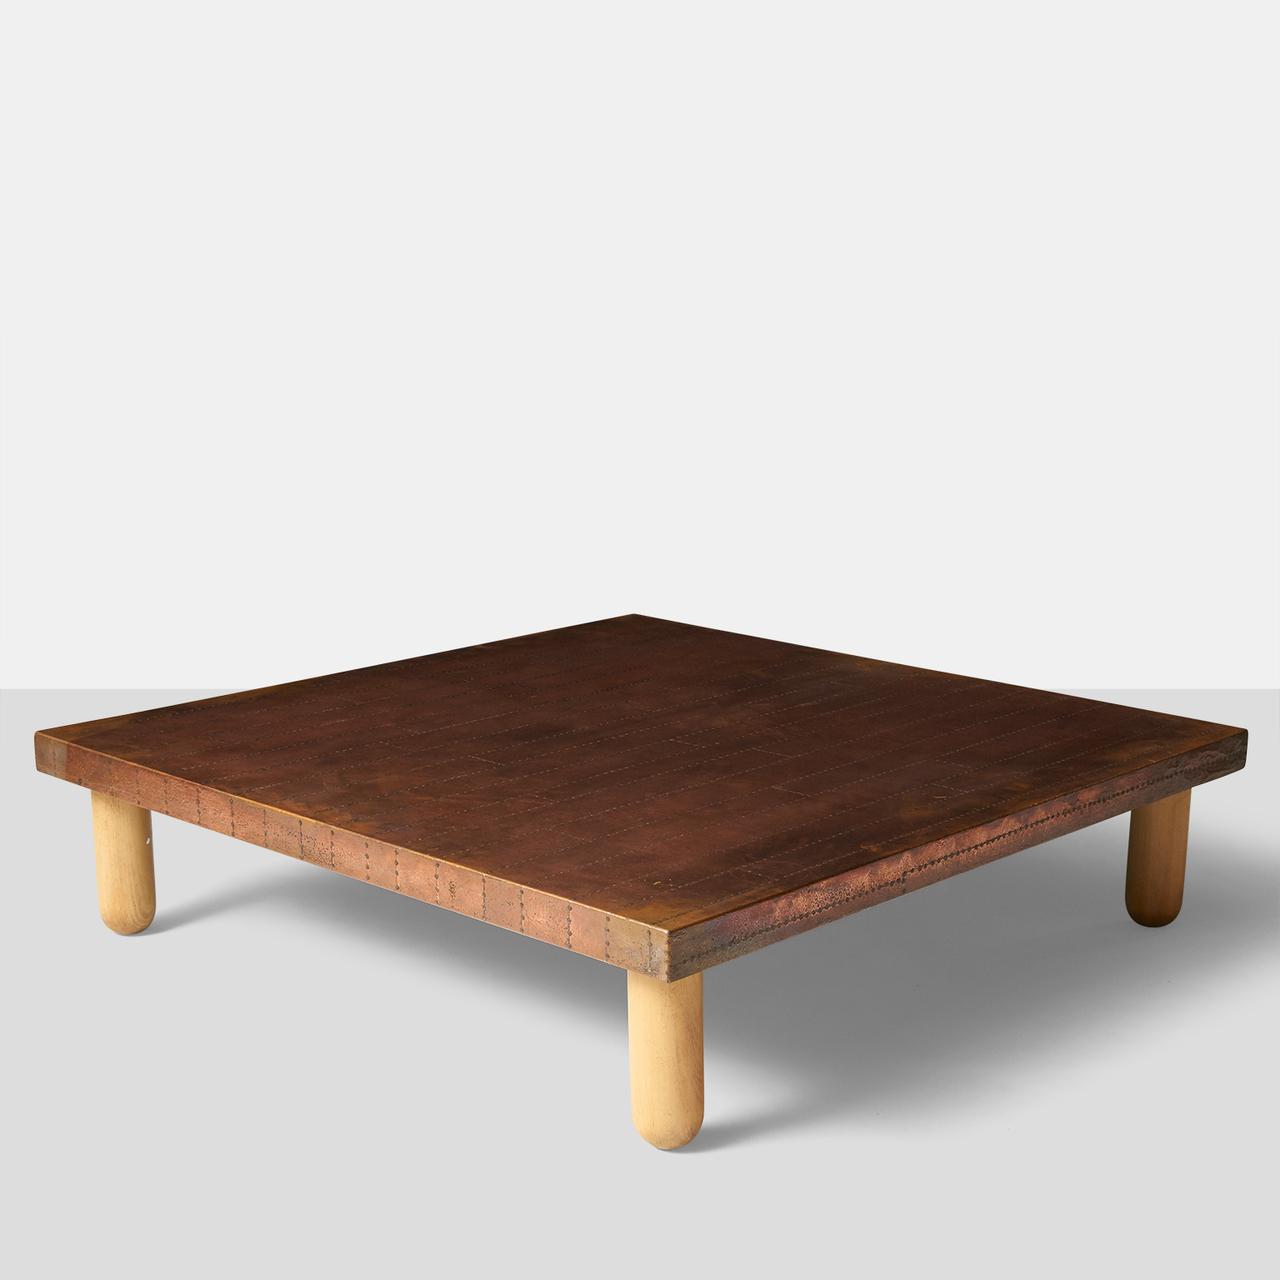 Copper Coffee Table By Lorenzo Burchiellaro Almond And Company